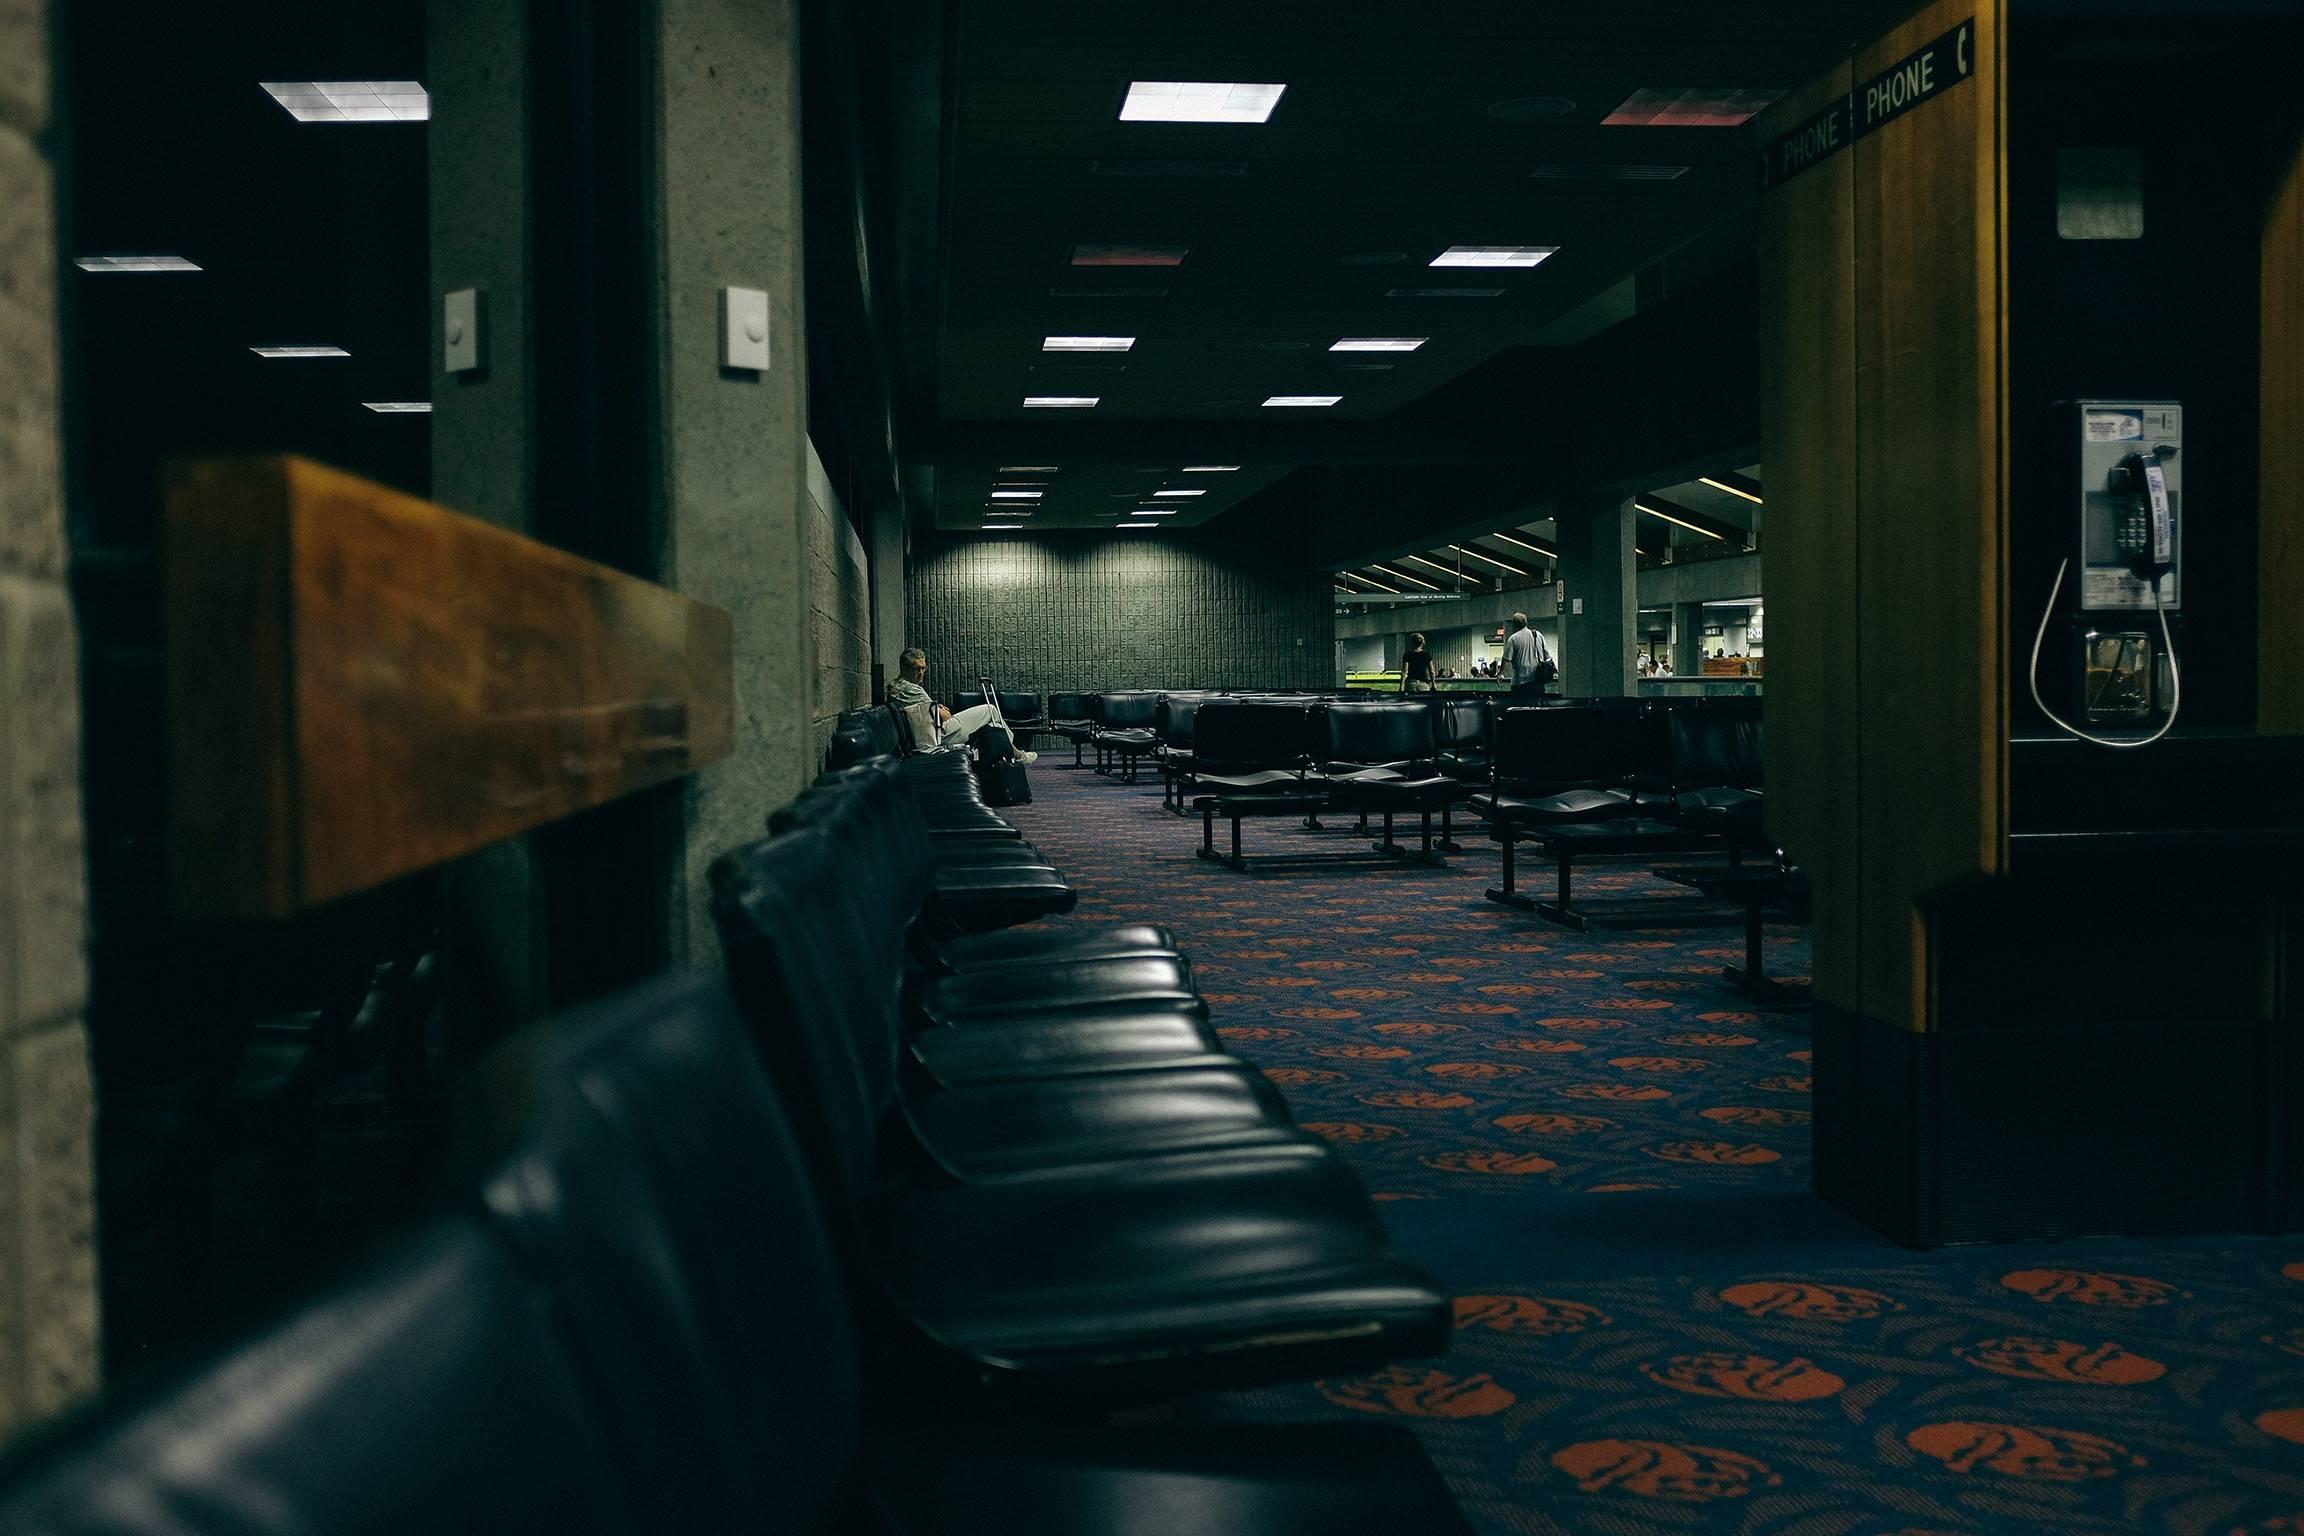 Blick auf ein leeres und dunkles Flughafen Warteareal